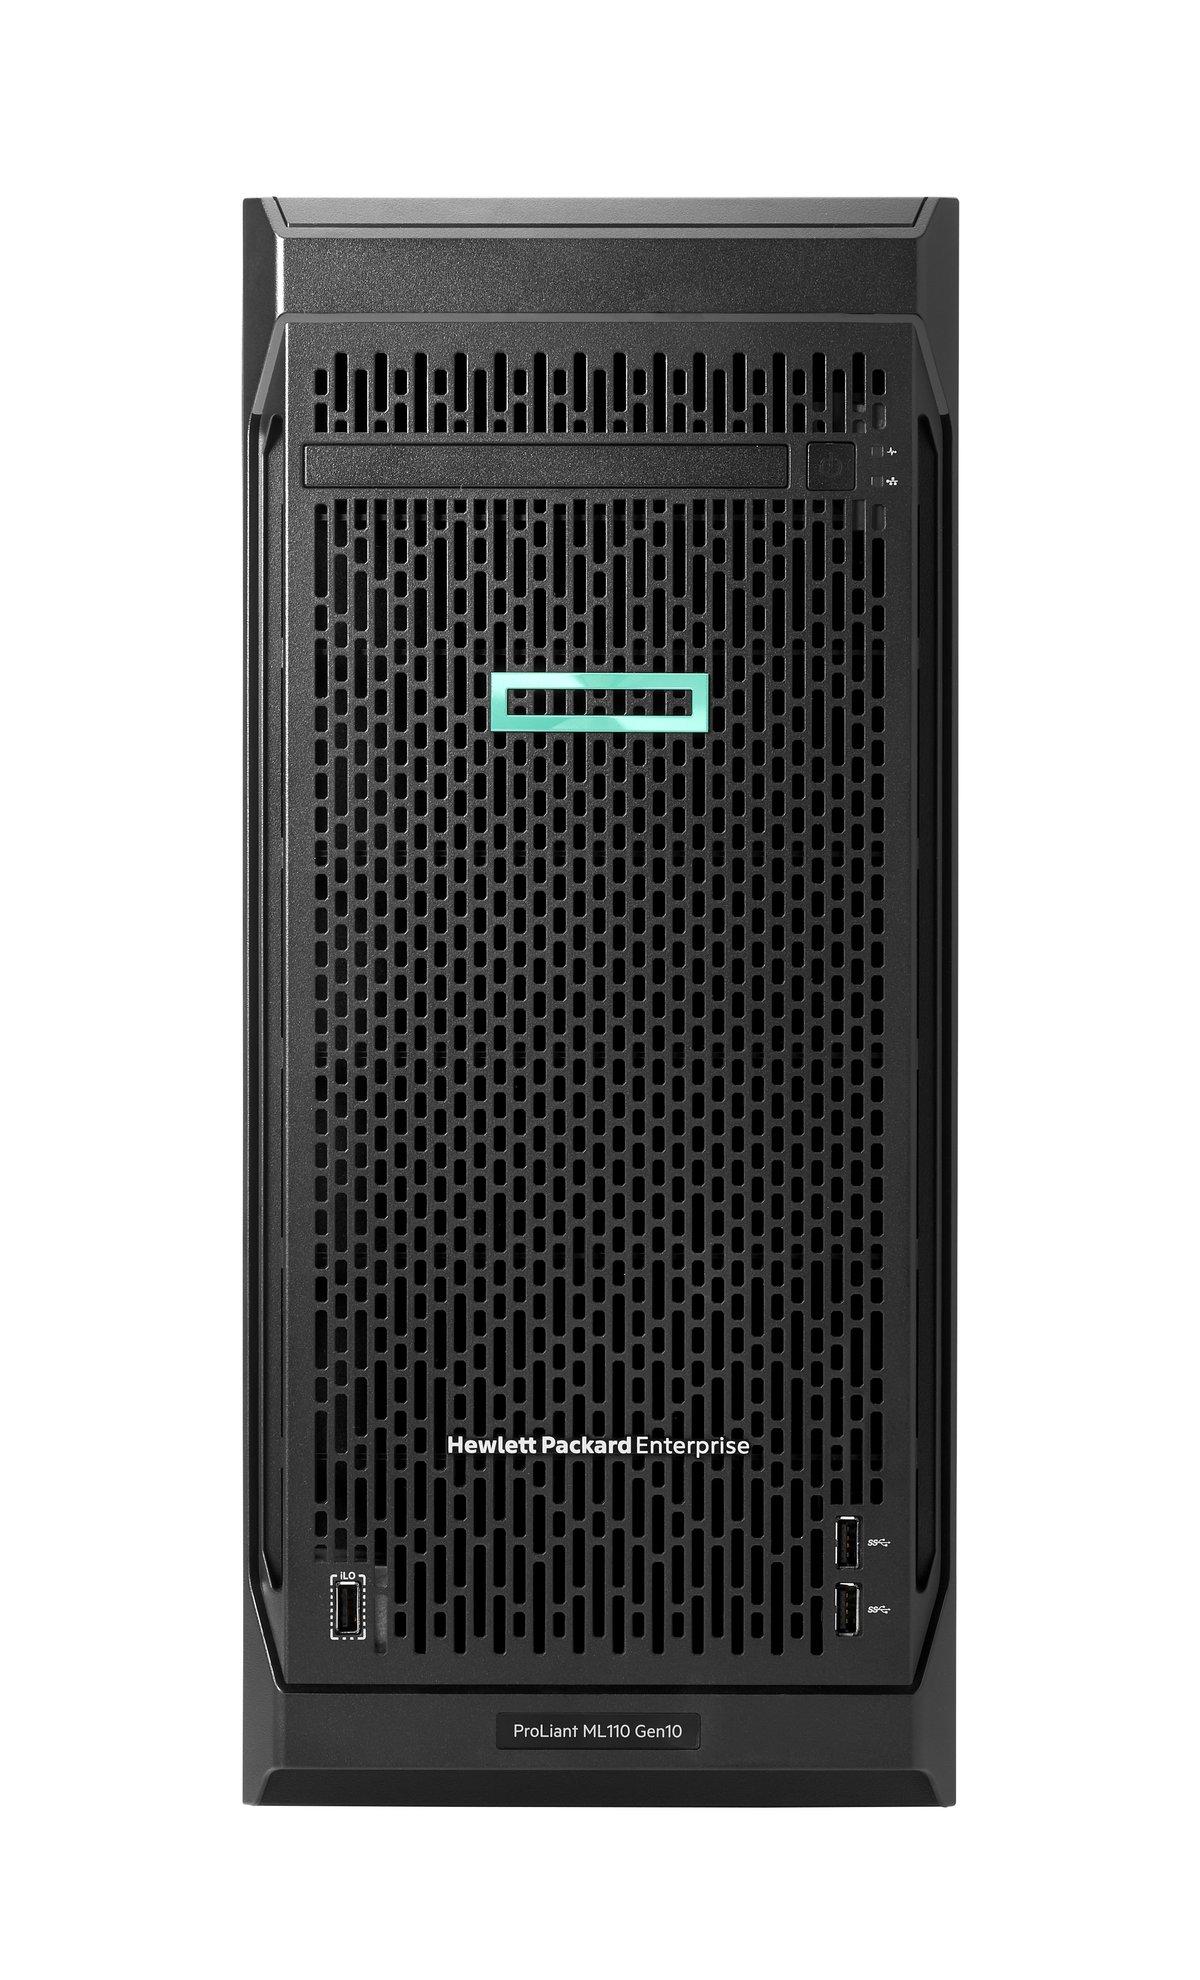 diapositiva 1 de 6,aumentar tamaño, servidor de rendimiento hpe proliant ml110 gen10 3106 1p 16gb-r s100i 4 lff hot-plug fuente de alimentación de 550 w